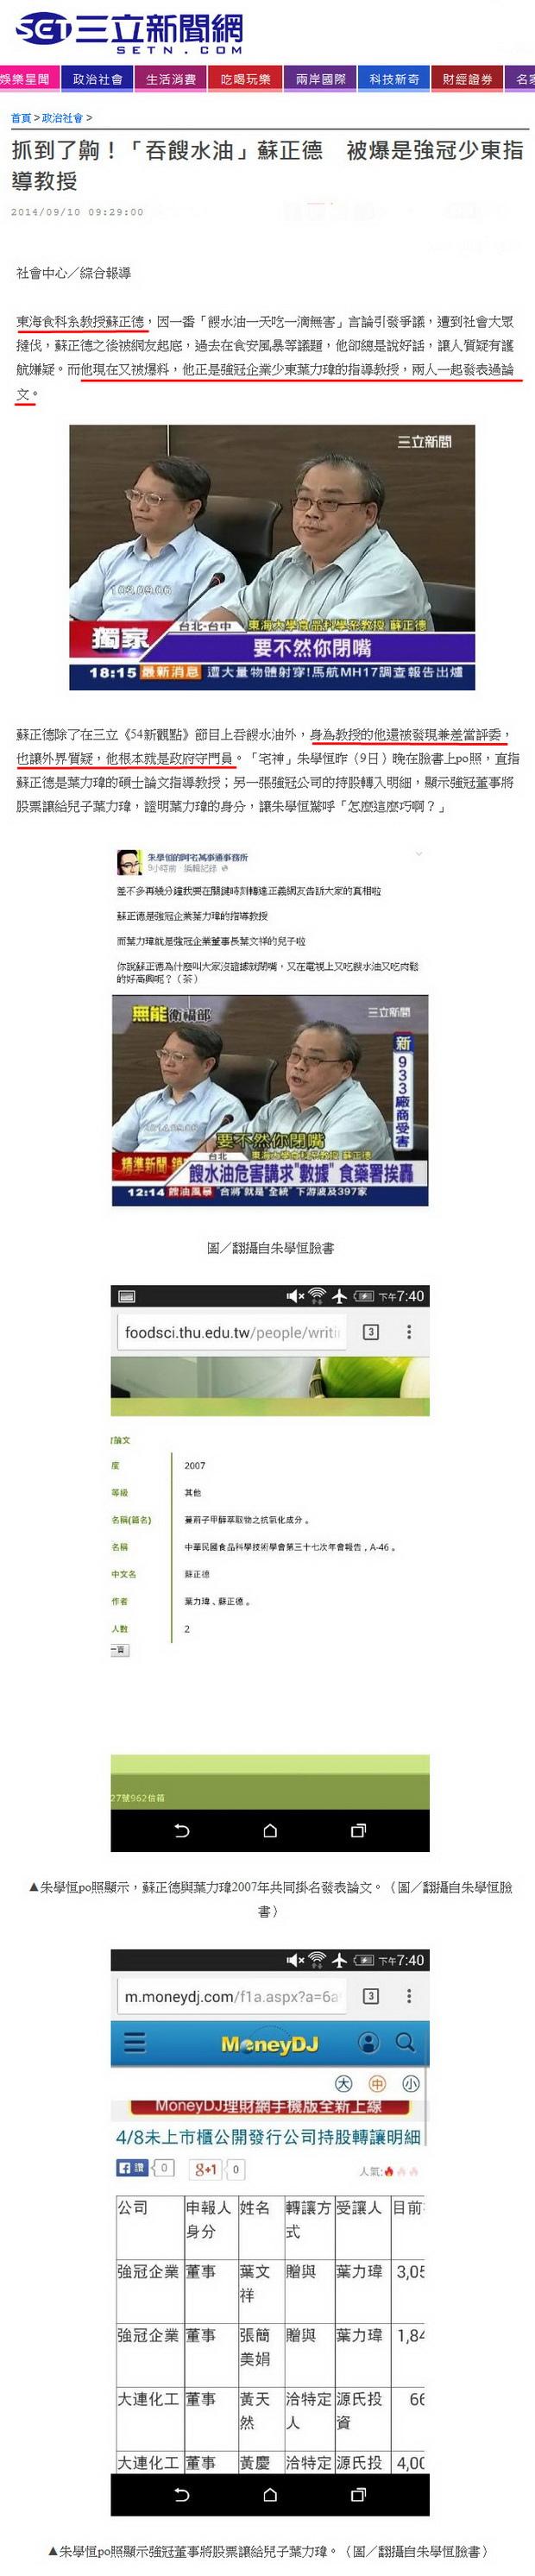 抓到了齁!「吞餿水油」蘇正德 被爆是強冠少東指導教授-2014.09.10.jpg